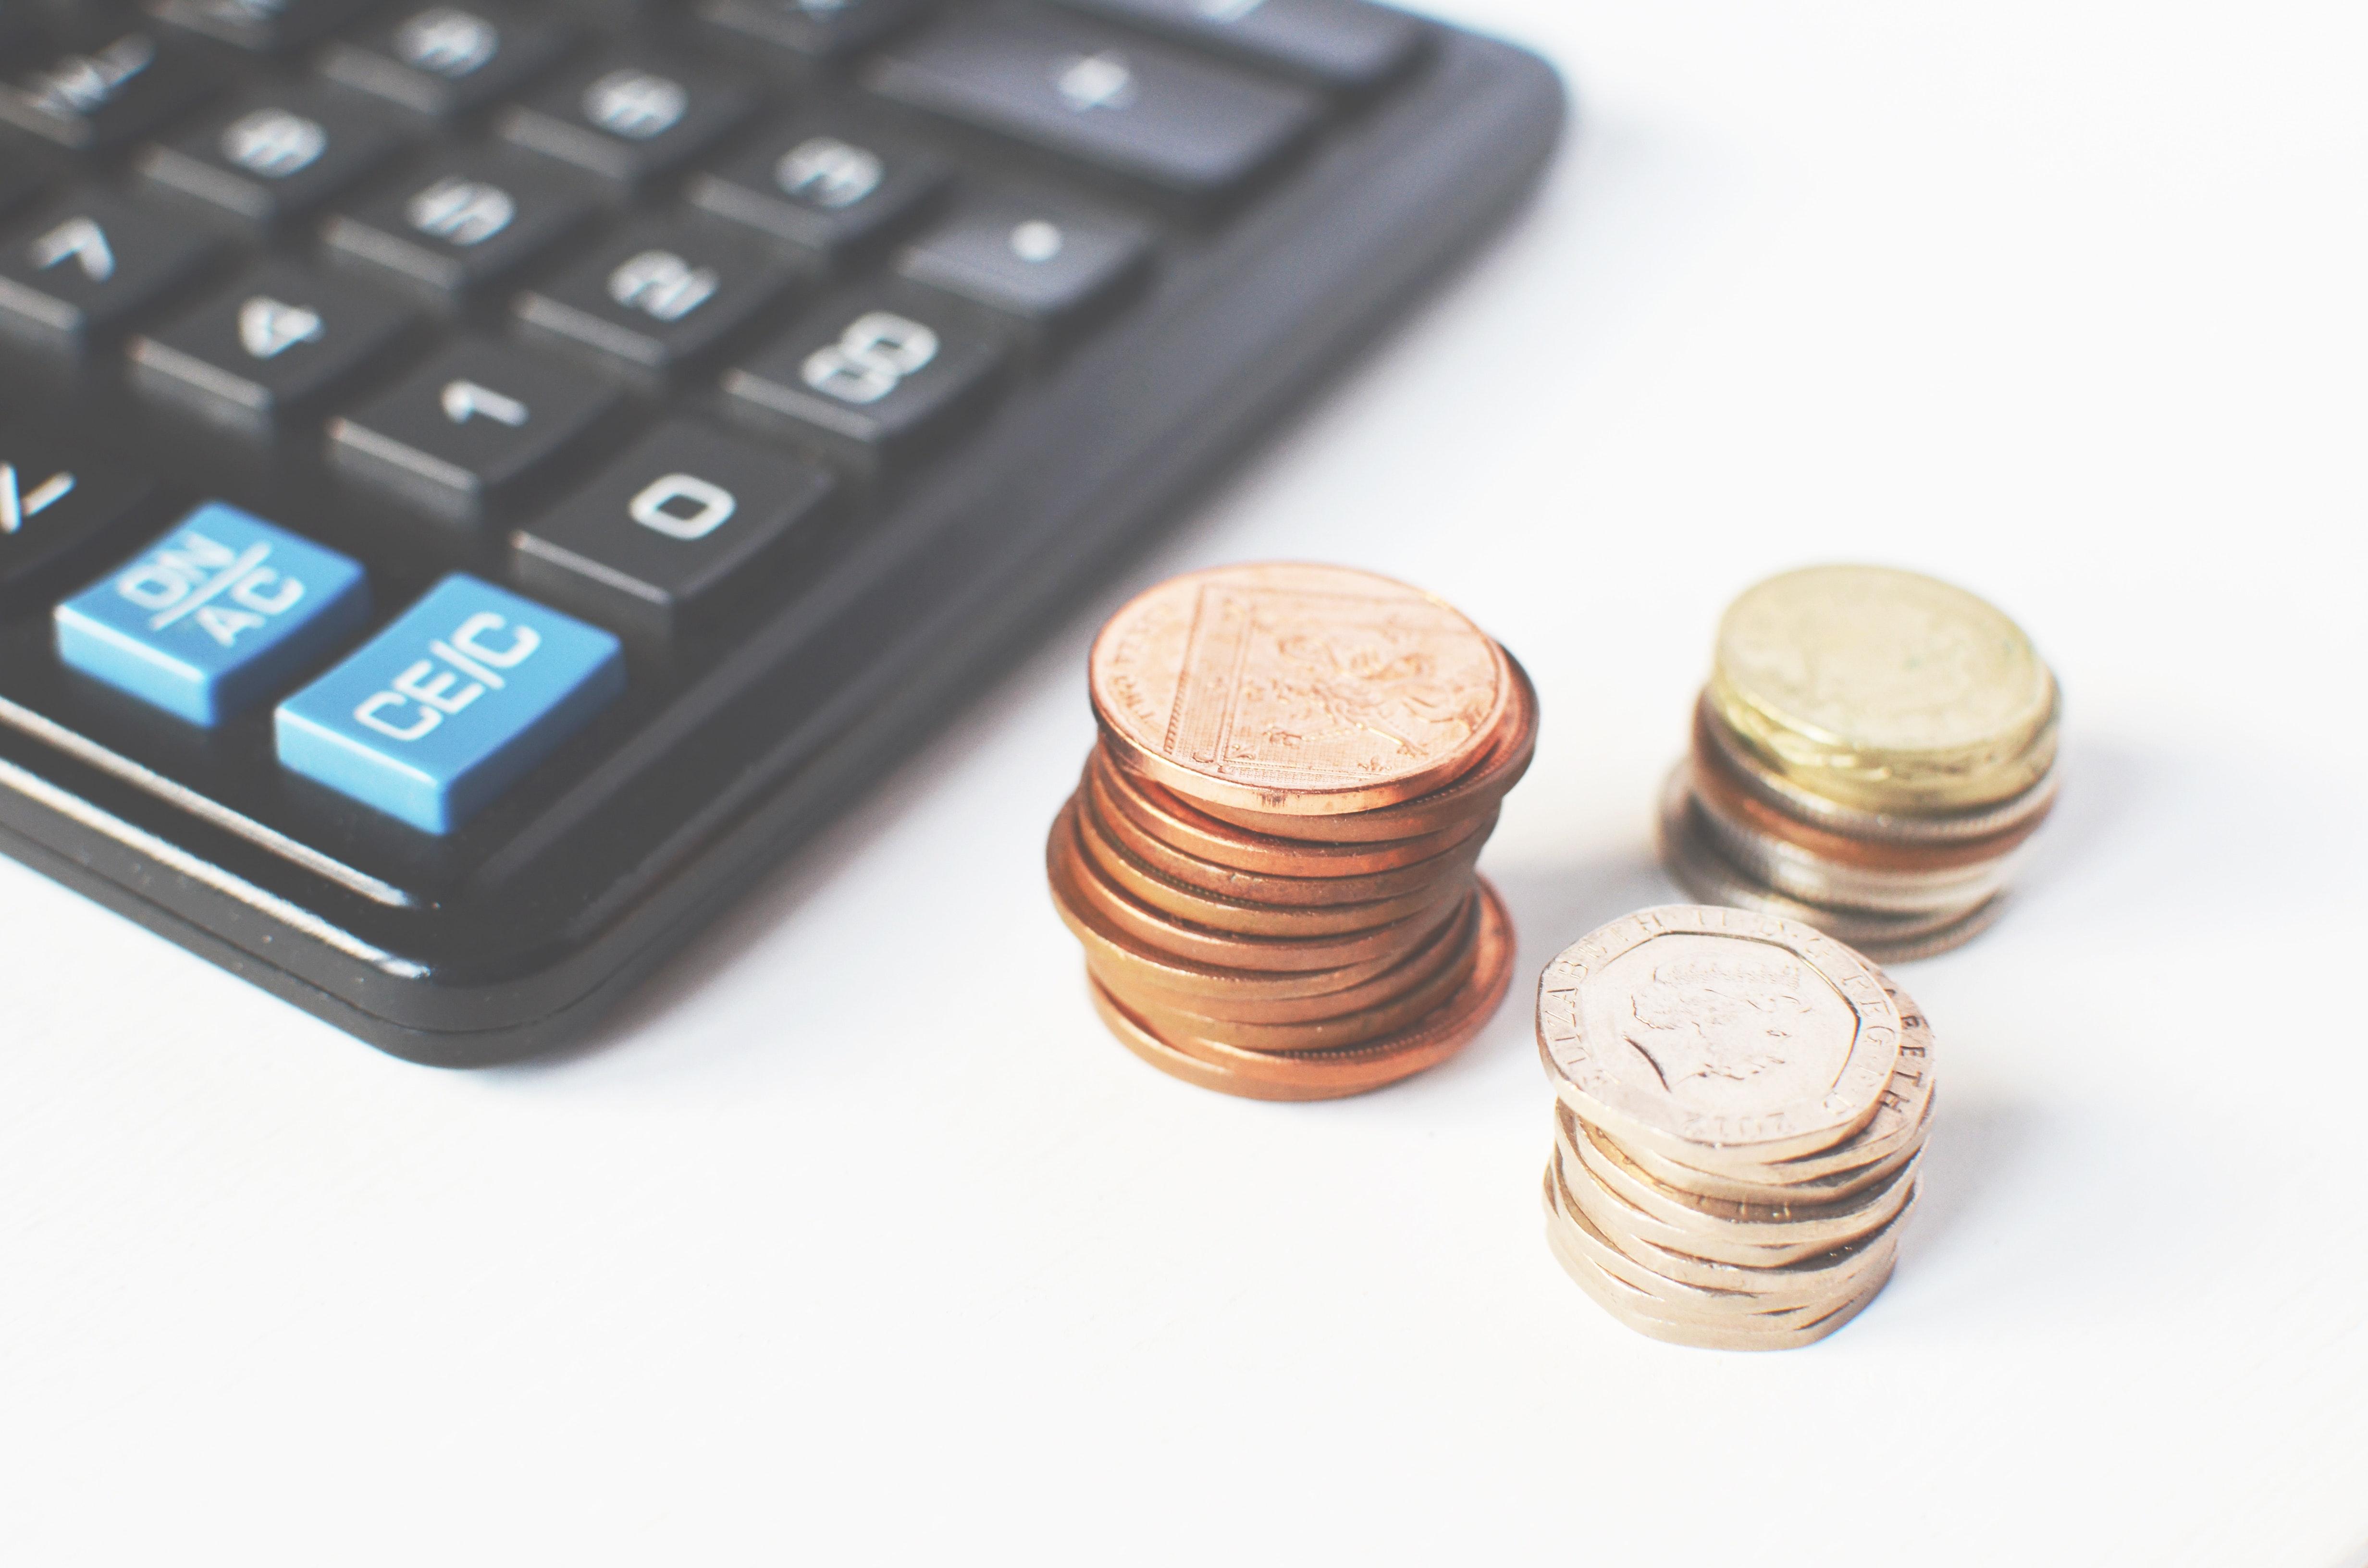 imposto de renda - corretor - de - imóveis - como - pessoa - jurídica